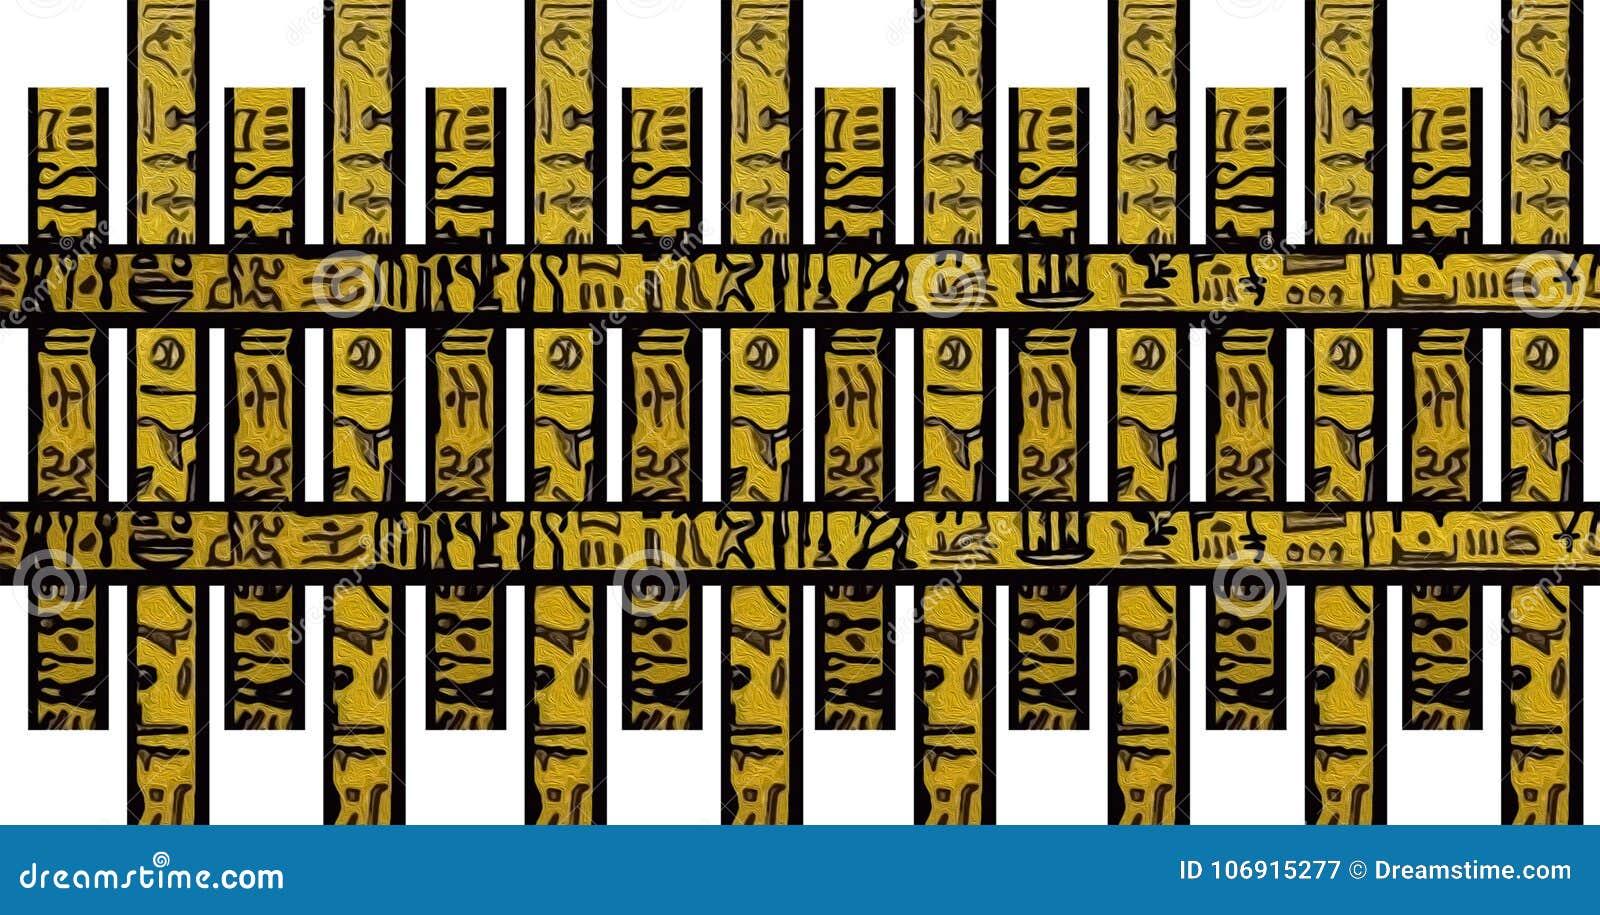 Egipcjanin Pattern-1 dla tkaniny, dywanu i więcej,